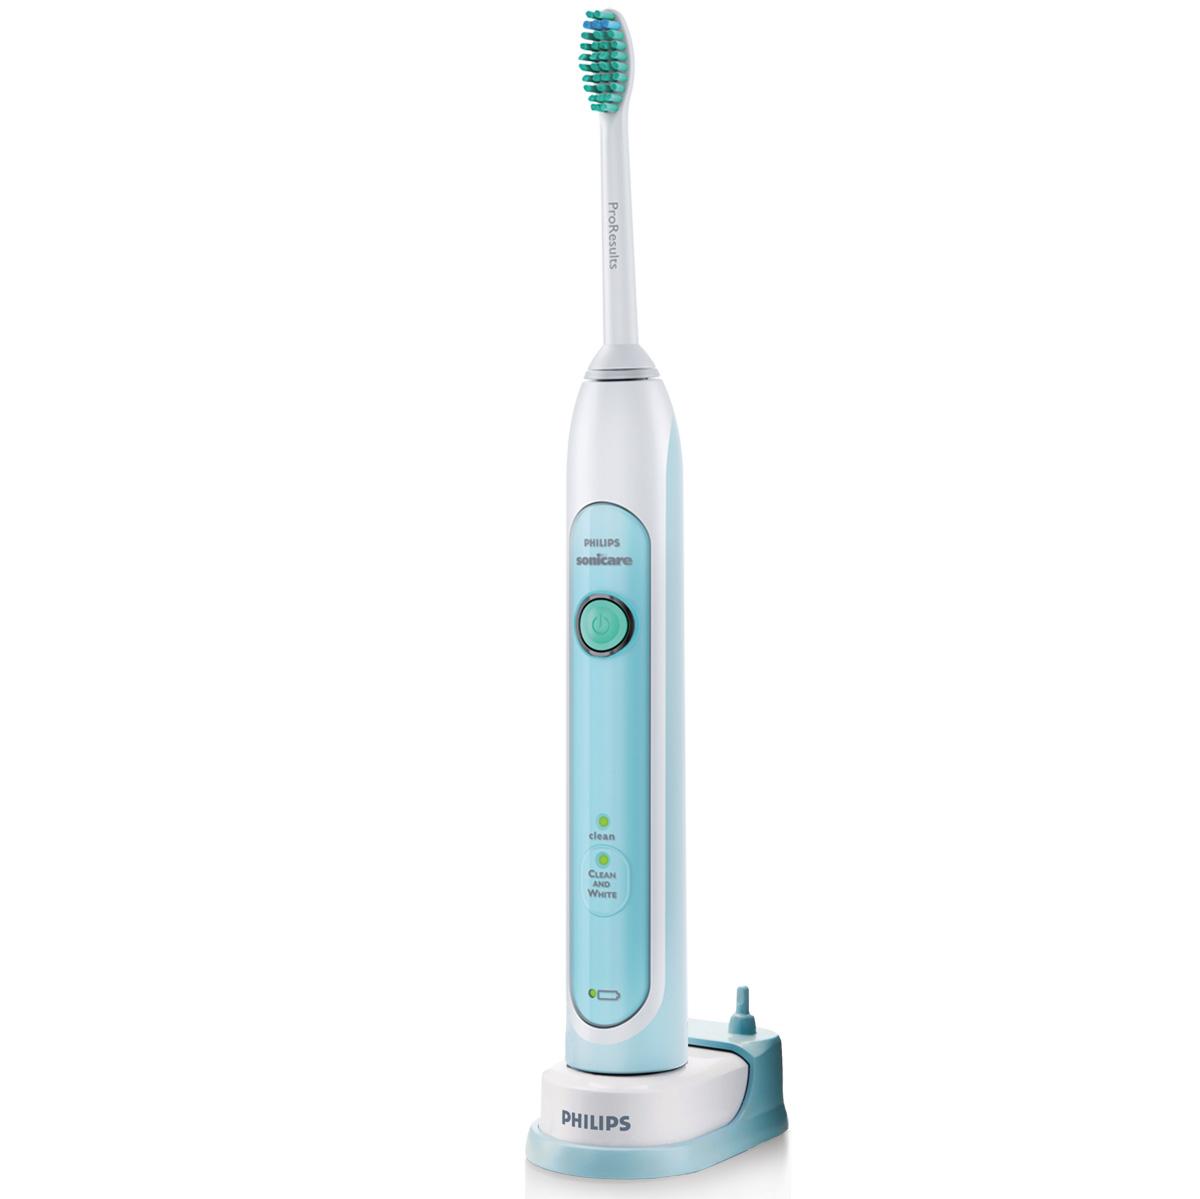 Philips Sonicare HX6711/02 электрическая зубная щеткаHX6711/02Благодаря очистке с помощью динамического потока жидкости, увеличенной амплитуде движения щетинок и прямому контакту с каждым зубом, электрическая зубная щетка Philips FlexCare HX6711 эффективно удаляет зубной налет для естественной белизны зубов. Белоснежная улыбка нравится всем. Пусть Ваши зубы сияют белизной. HealthyWhite удаляет зубной налет всего за две недели регулярного использования режимов чистки и отбеливания. 2 минуты в режиме чистки и 30 секунд в режиме отбеливания для обработки передних зубов. Удаляет зубной налет от кофе, чая, табака и красного вина. Отбеливает зубы на 2 тона за две недели регулярного использования режимов чистки и отбеливания. Чистящие насадки ProResults с более широкой амплитудой работы щетинок и уникальной, располагающейся под углом, шейкой, обеспечивают комфортные ощущения во время чистки и превосходно удаляют налет для естественной белизны зубов. Таймер Обеспечивает естественную белизну зубов ...